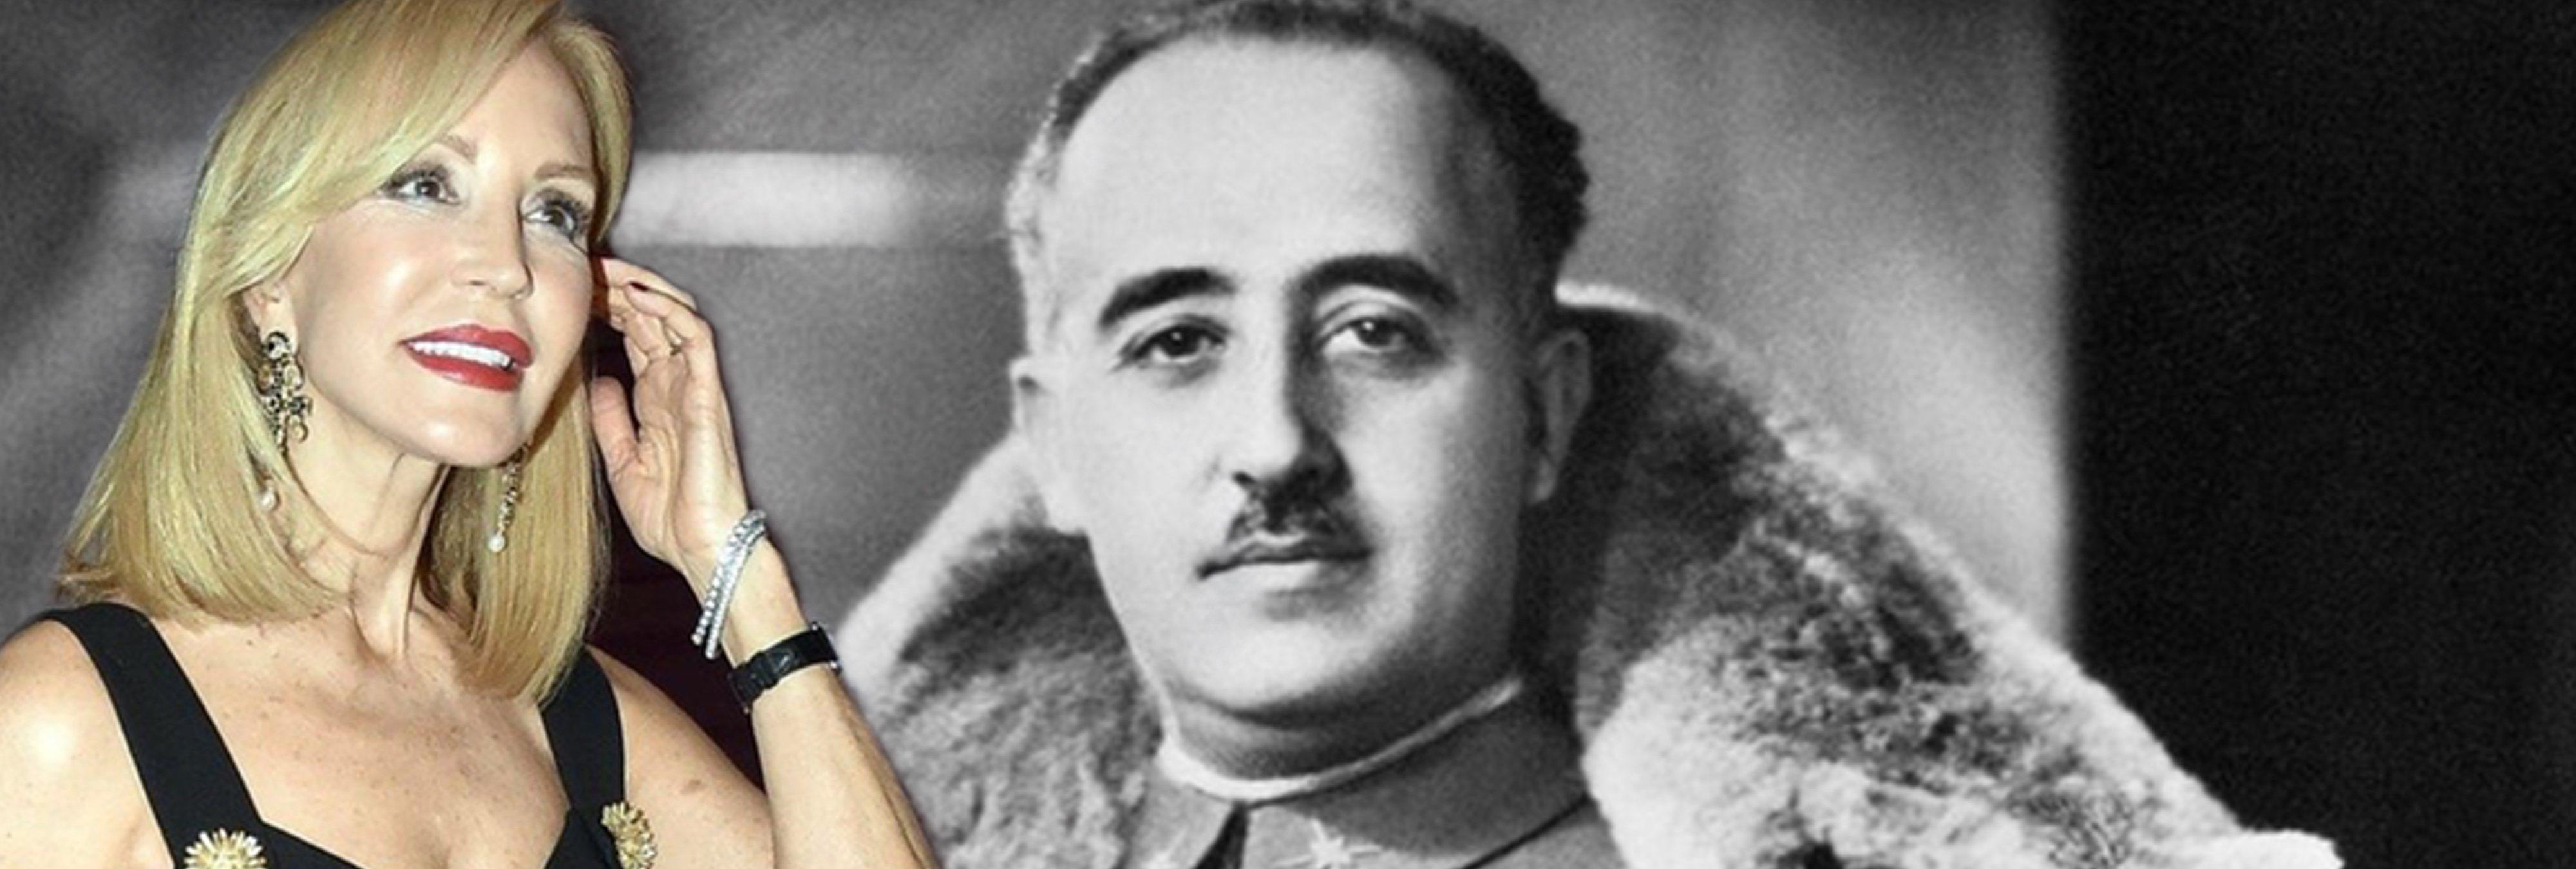 """Carmen Lomana sobre la exhumación de Franco: """"tienen envidia, no asumen que perdieron la guerra"""""""